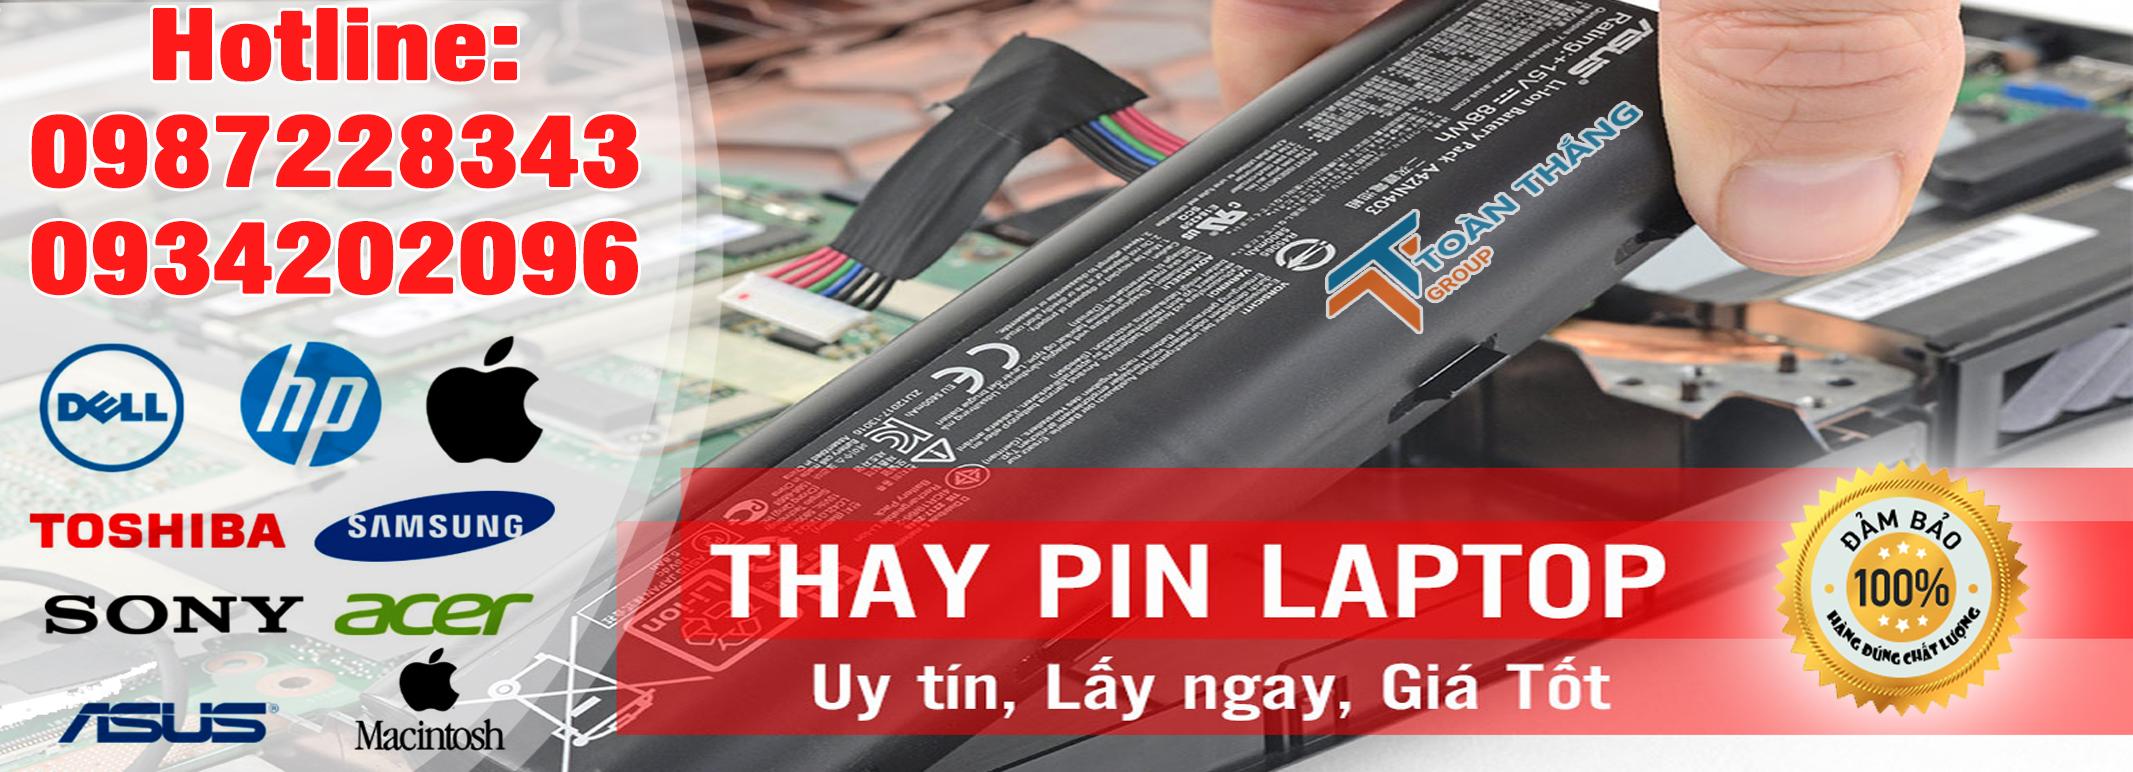 Công Ty Dịch Vụ Thay Pin Laptop Tận Nơi Quận 1 Uy Tín Chính Hãng